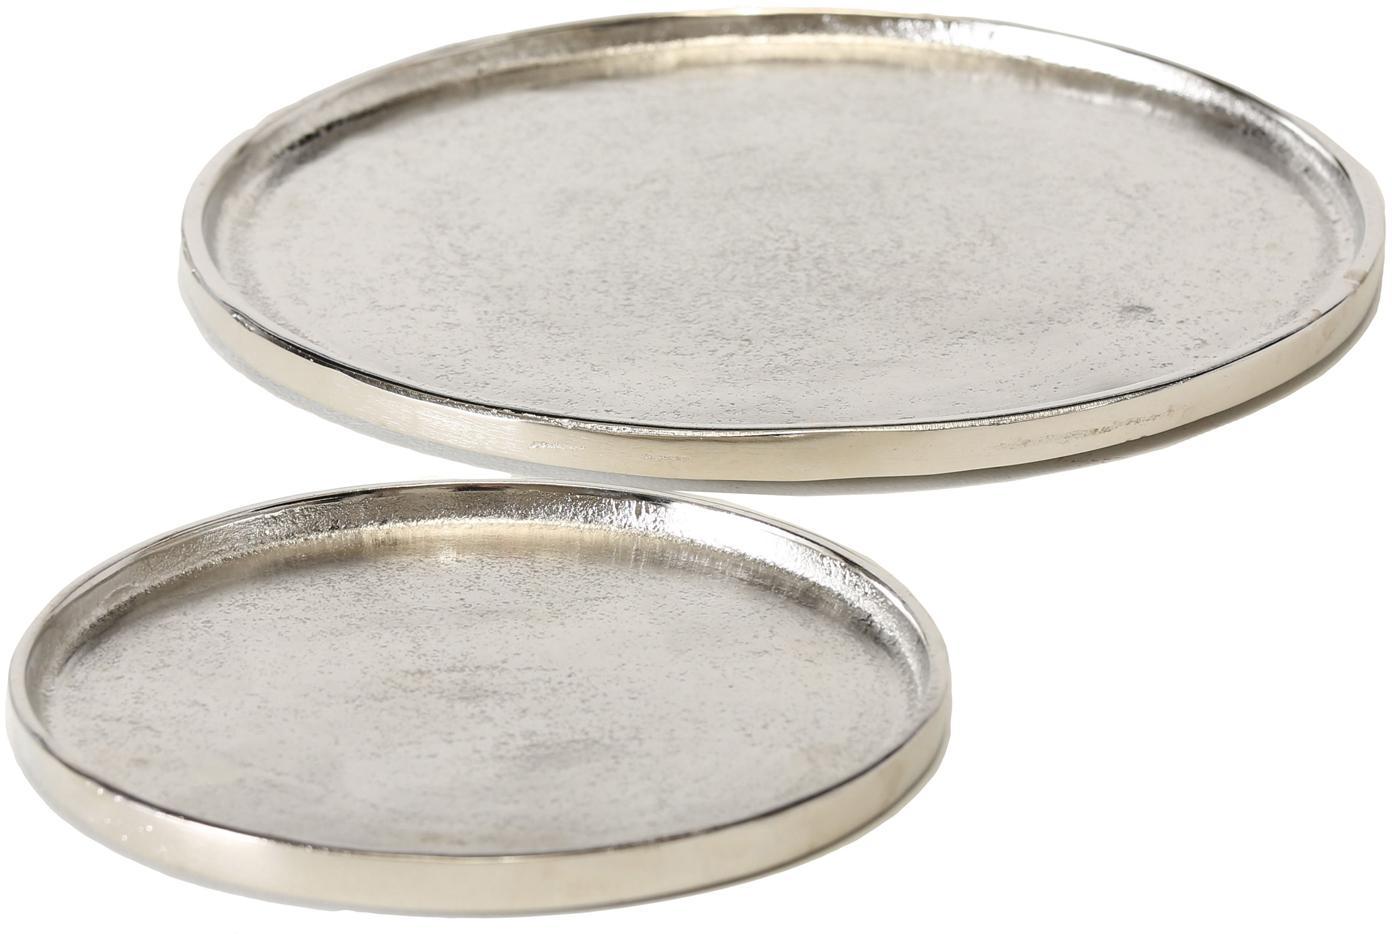 Komplet tac dekoracyjnych Valomi, 2 elem., Aluminium, Aluminium, Komplet z różnymi rozmiarami